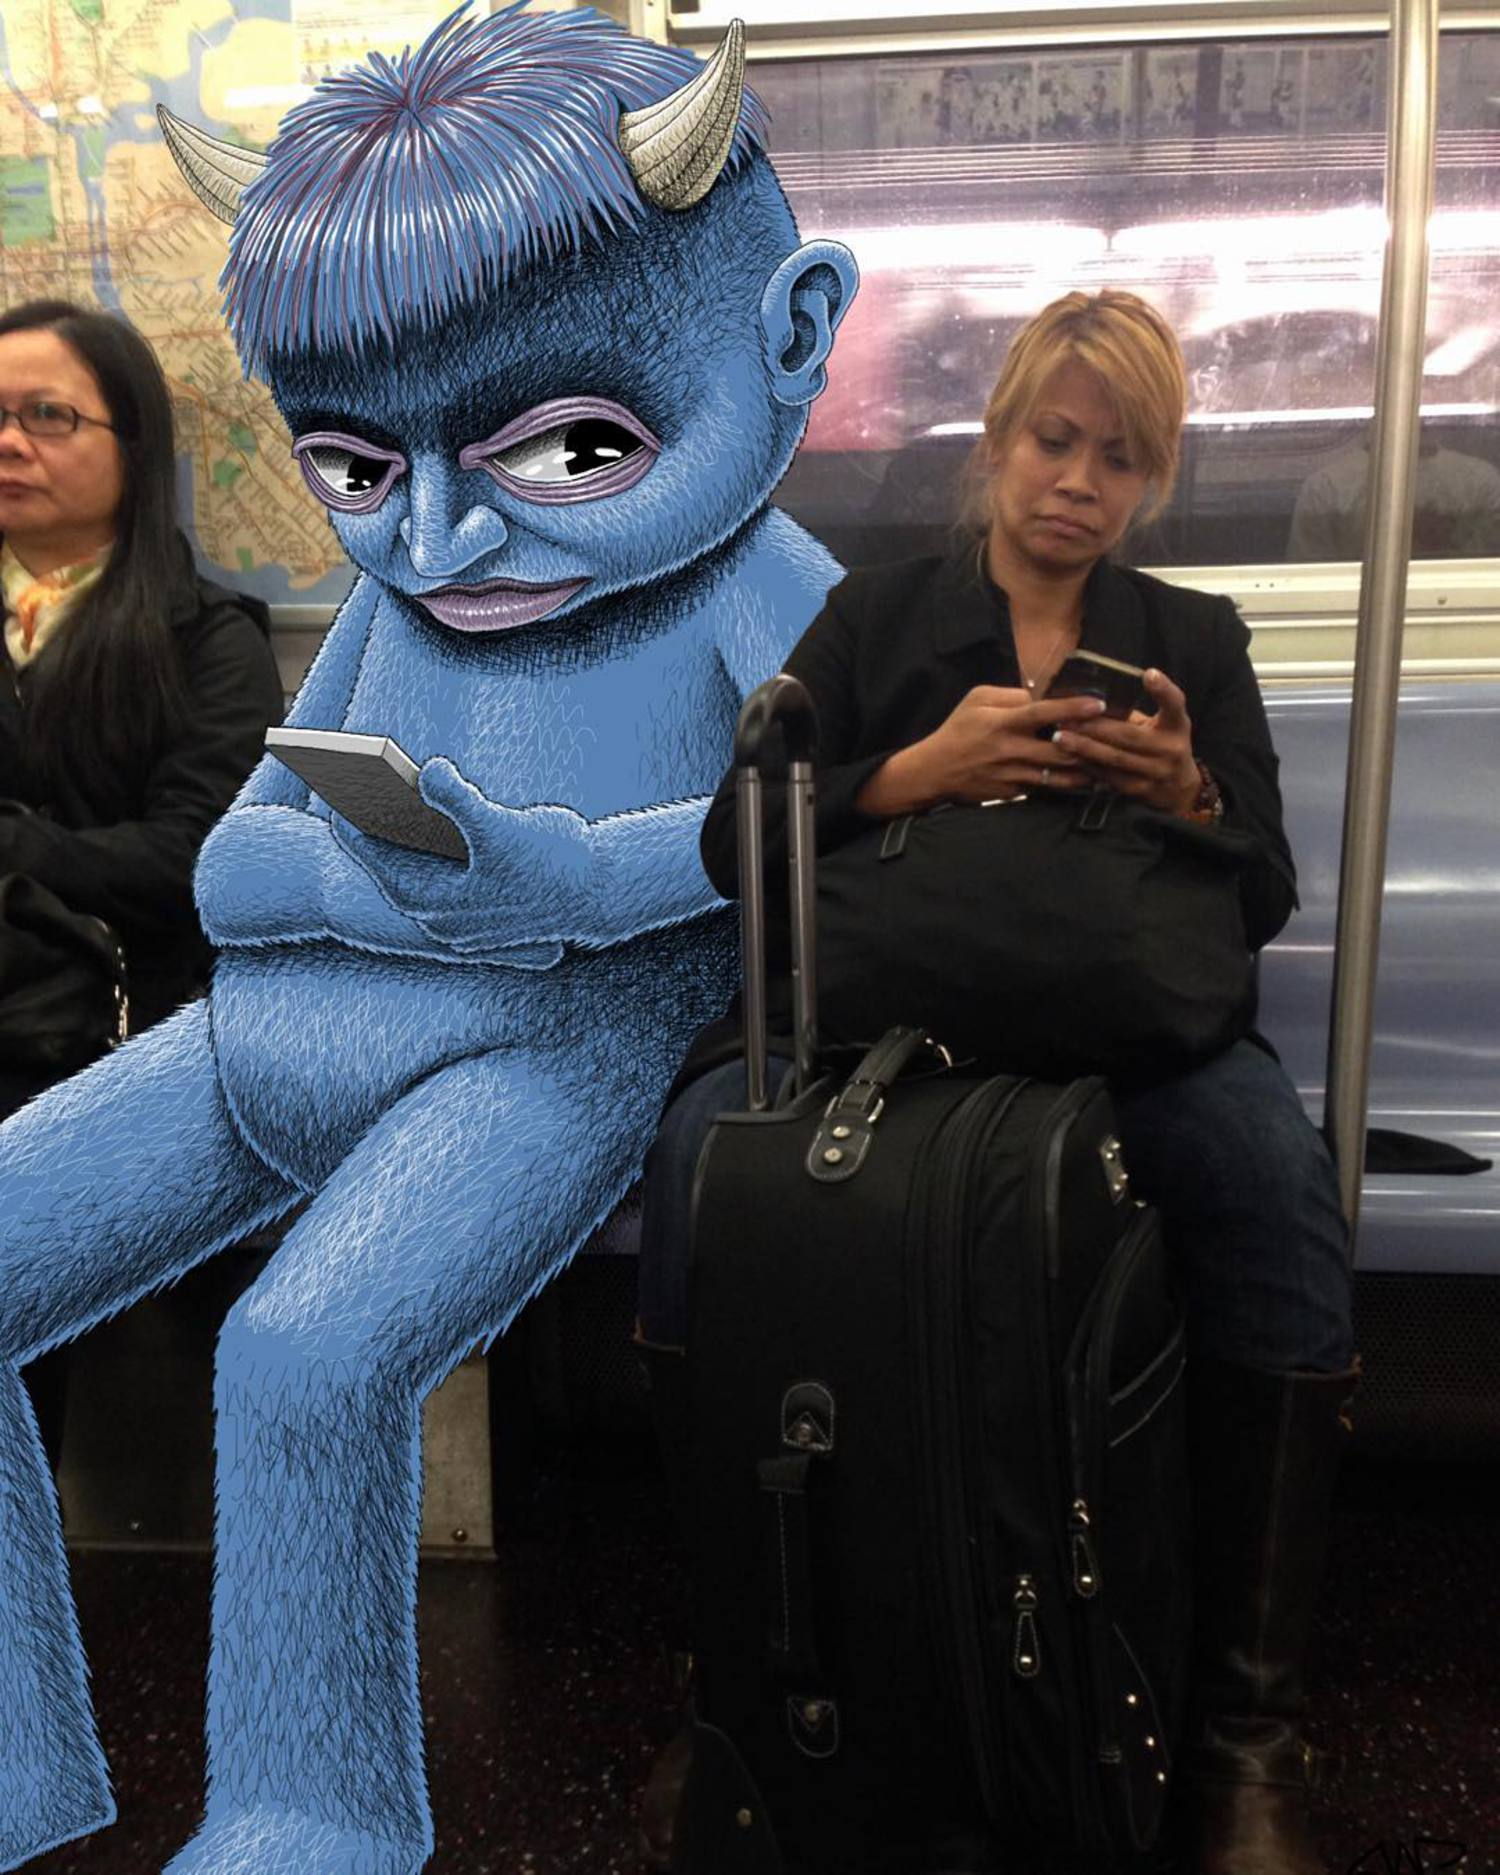 #subwaydoodle #subway #doodle #swd #nyc #peeping